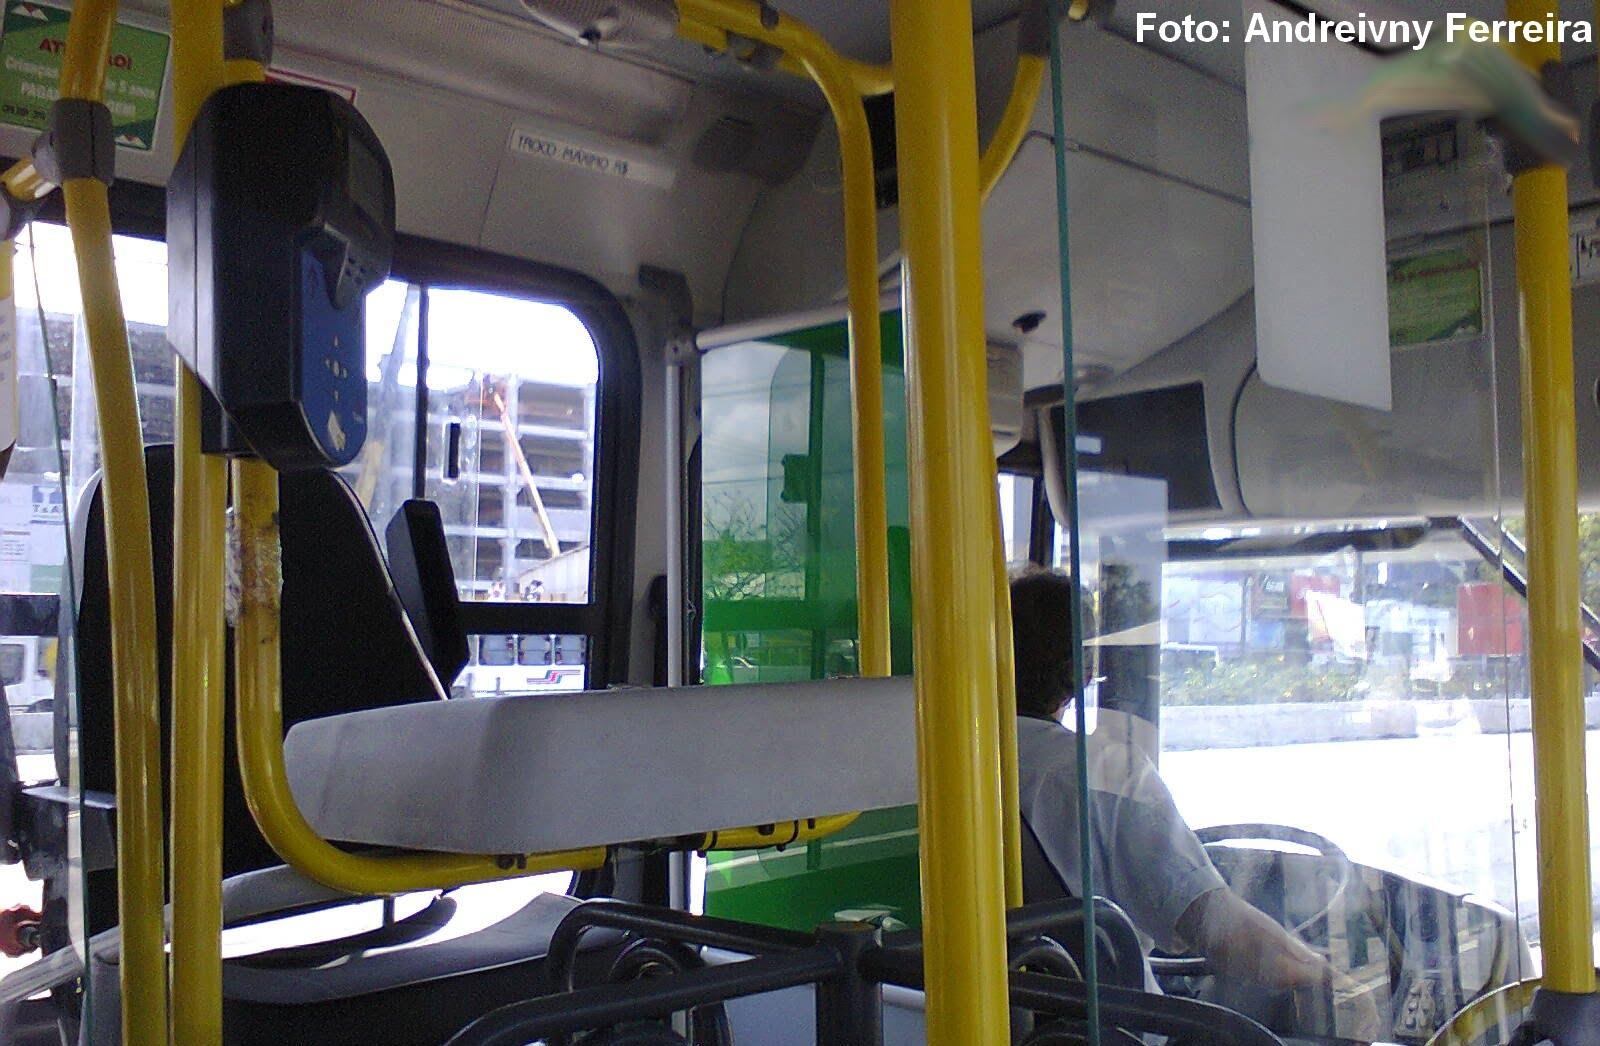 Motoristas de ônibus podem acumular função de cobrador, reafirma TST